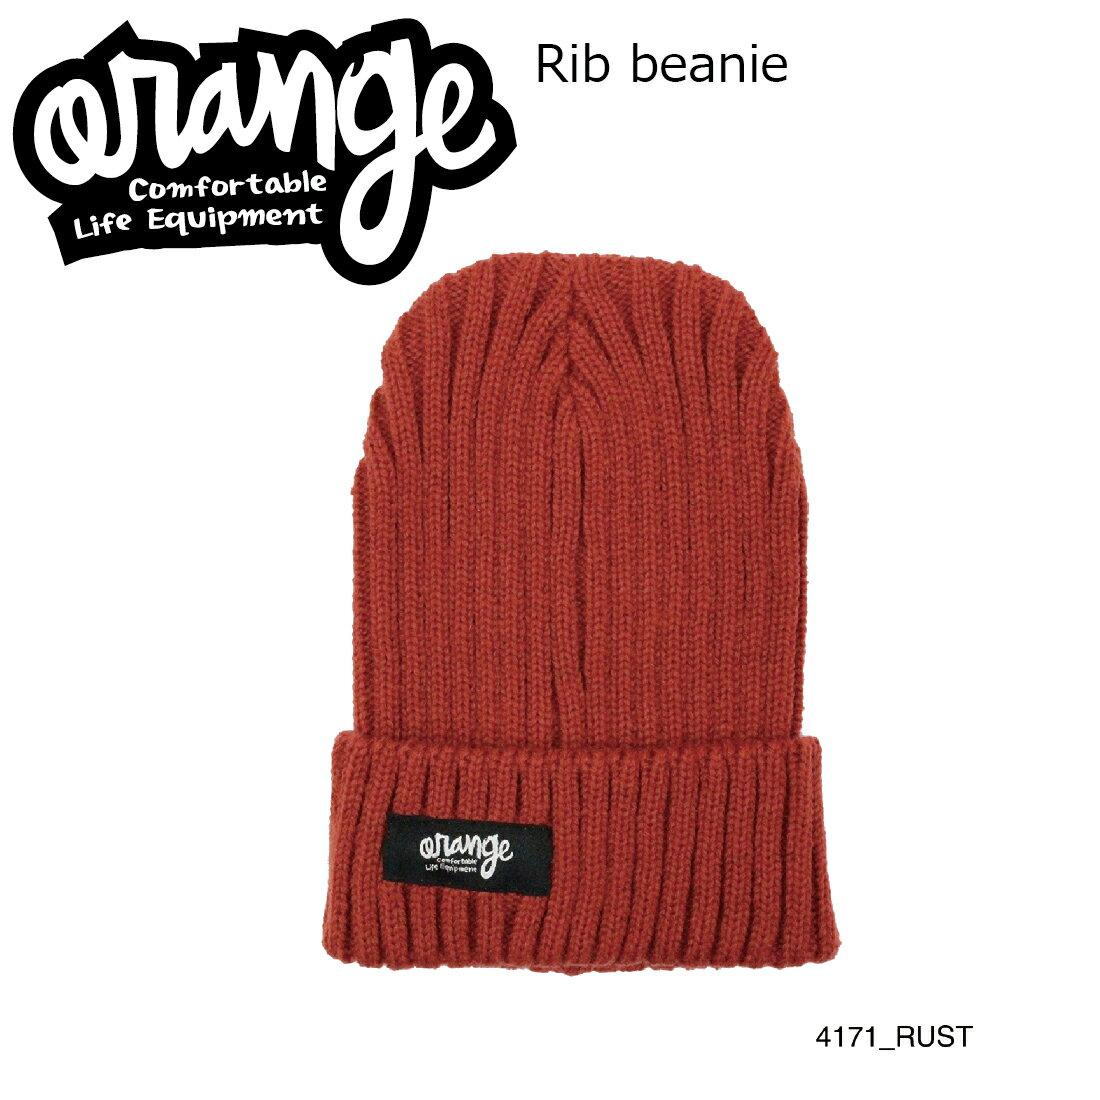 Oran'ge Rib Beanie 4171 RUST オレンジ リブ ビーニー ニットキャップ 2つ折り